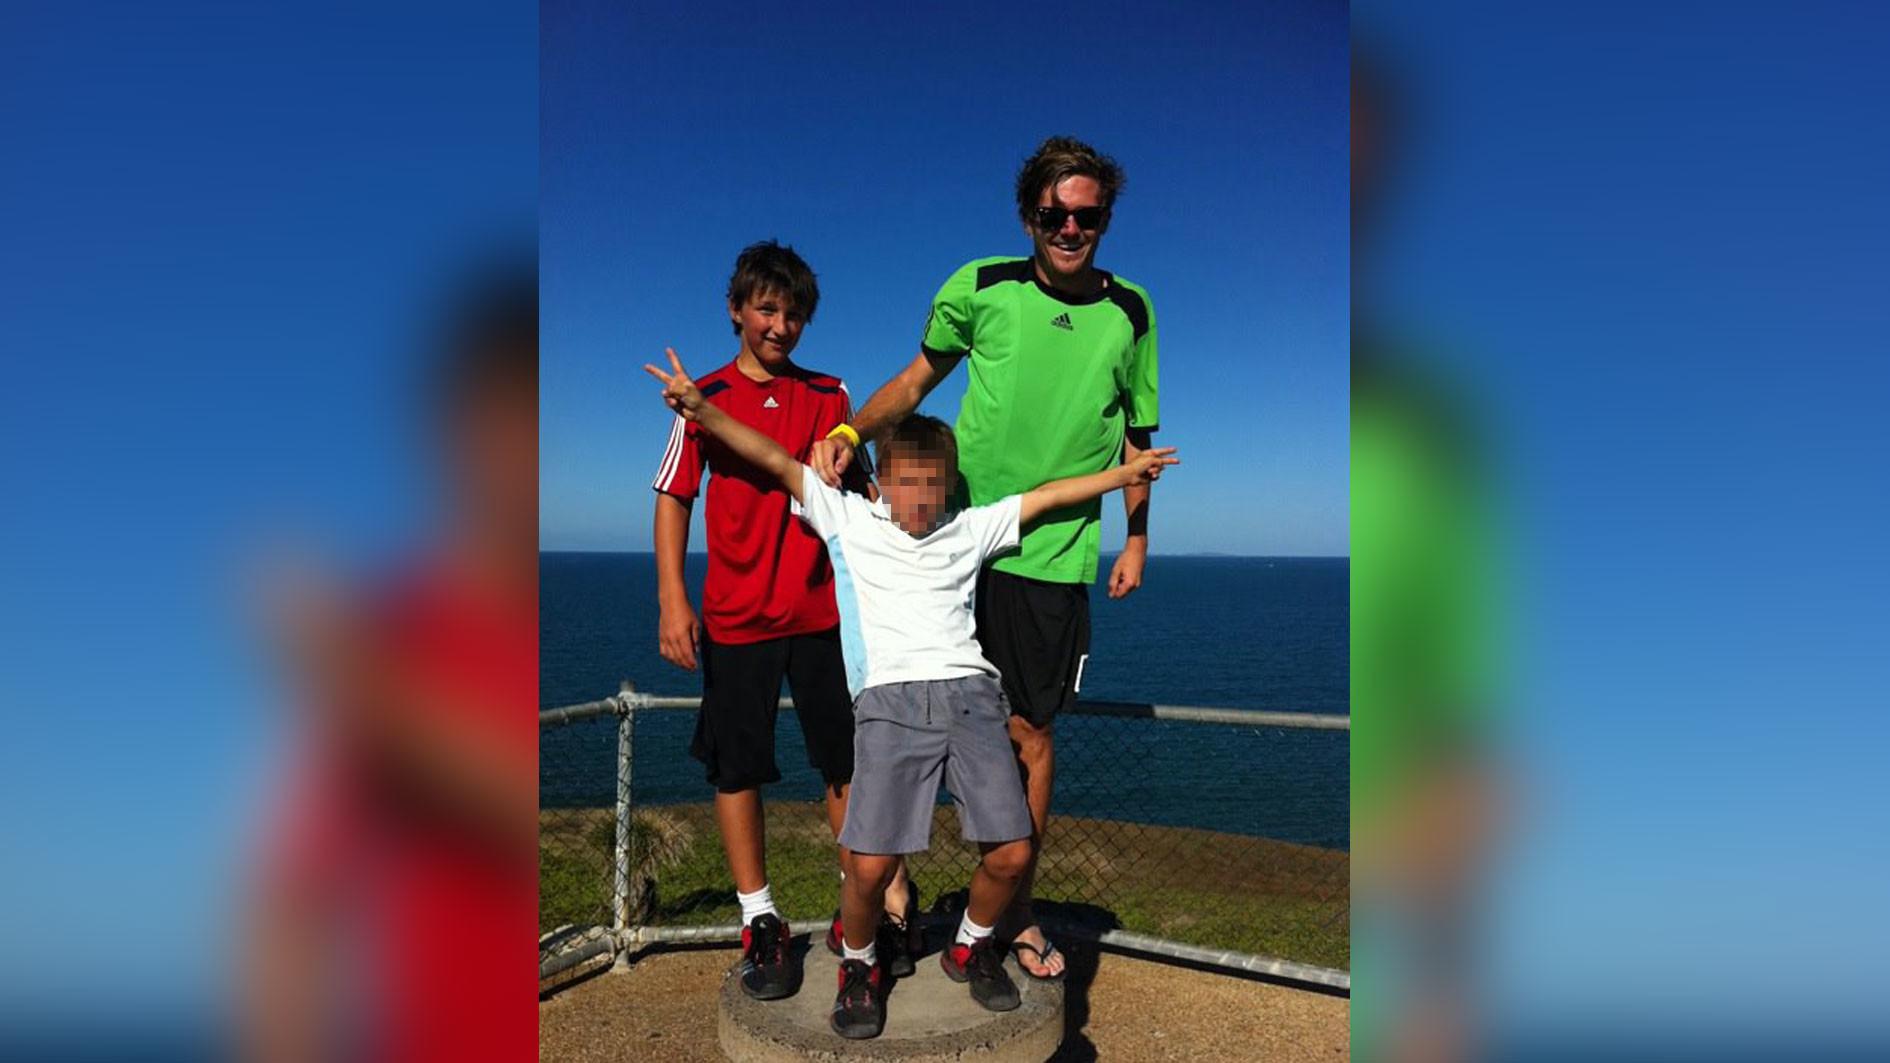 Фото: Соцсети / Старое фото из профиля младшего сына Штенгелова (в центре), где он со своим старшим братом (слева) на отдыхе